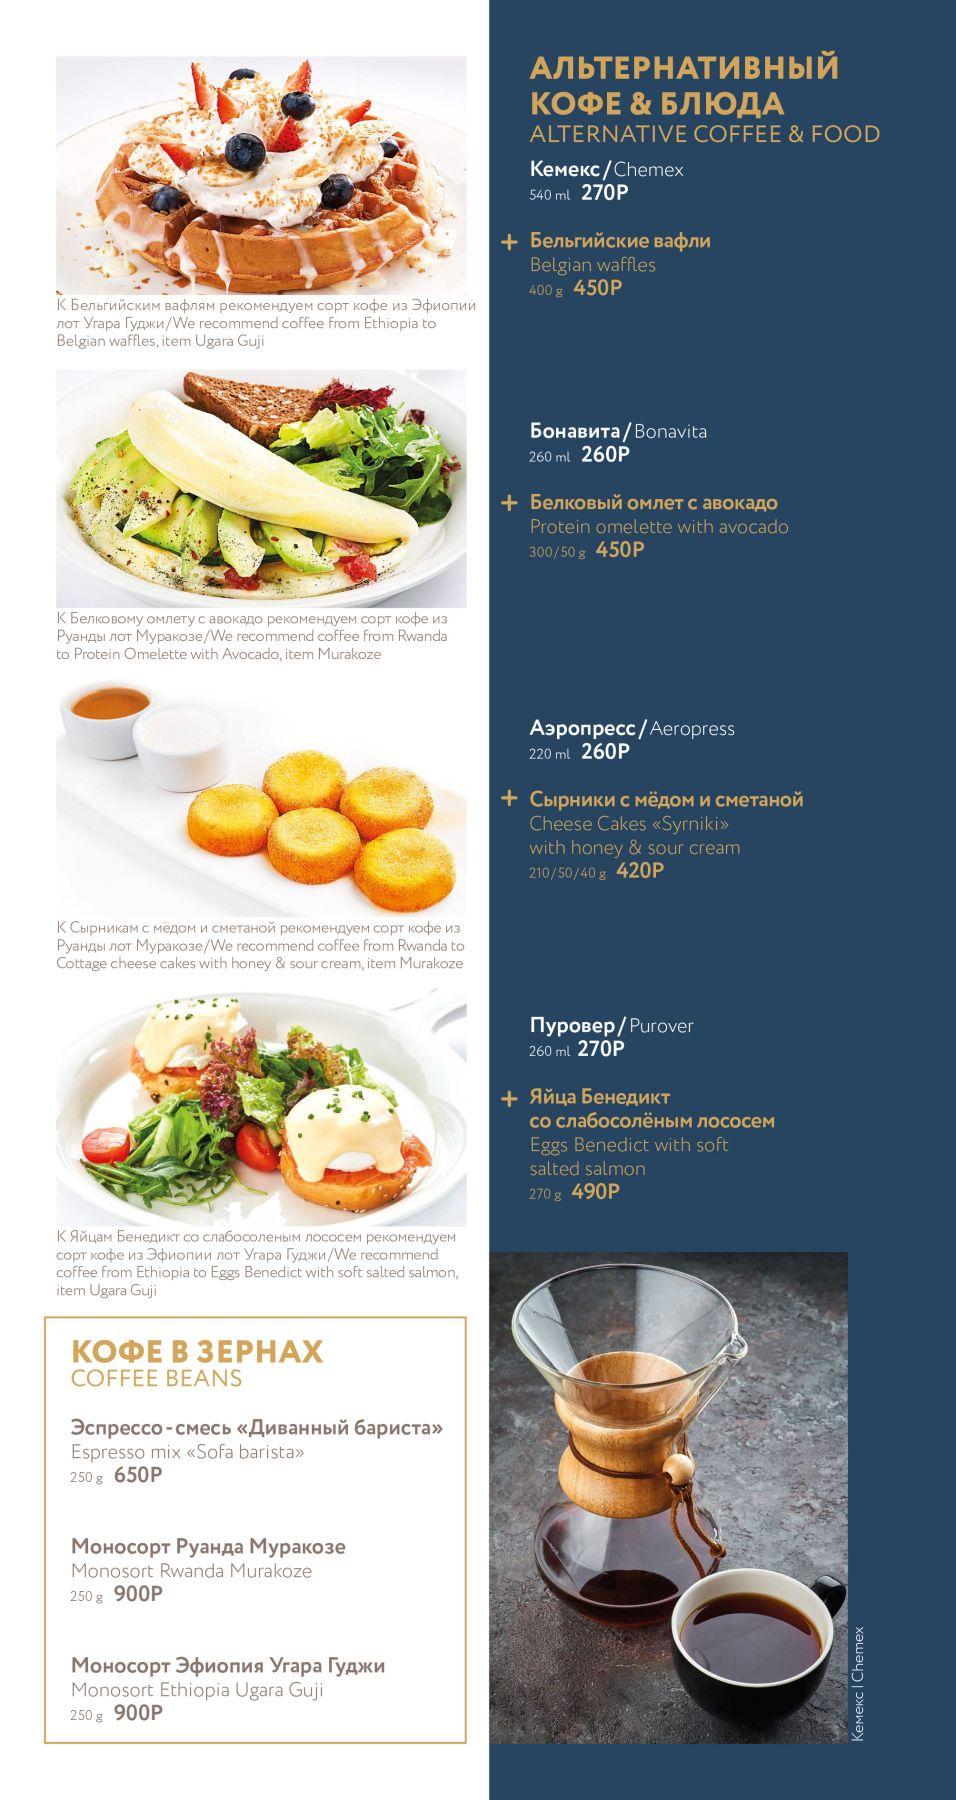 Beverage menu: 2